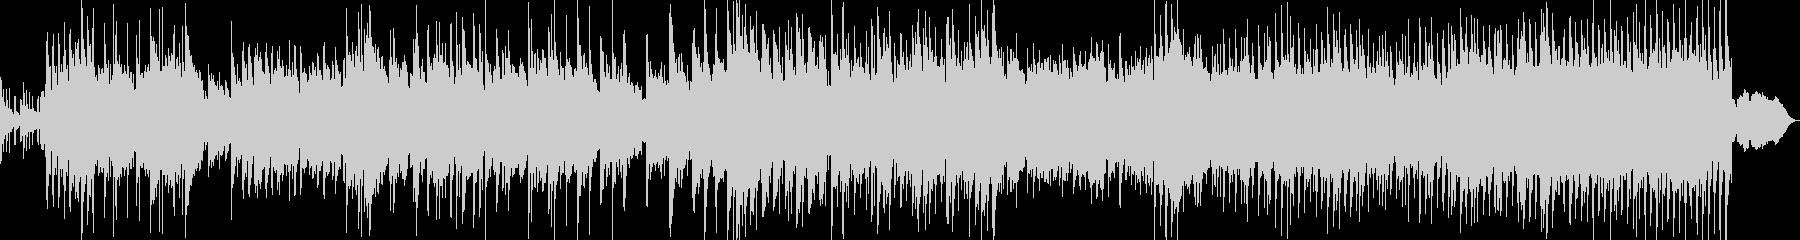 和風BGMオーケストラピアノ楽曲映像の未再生の波形